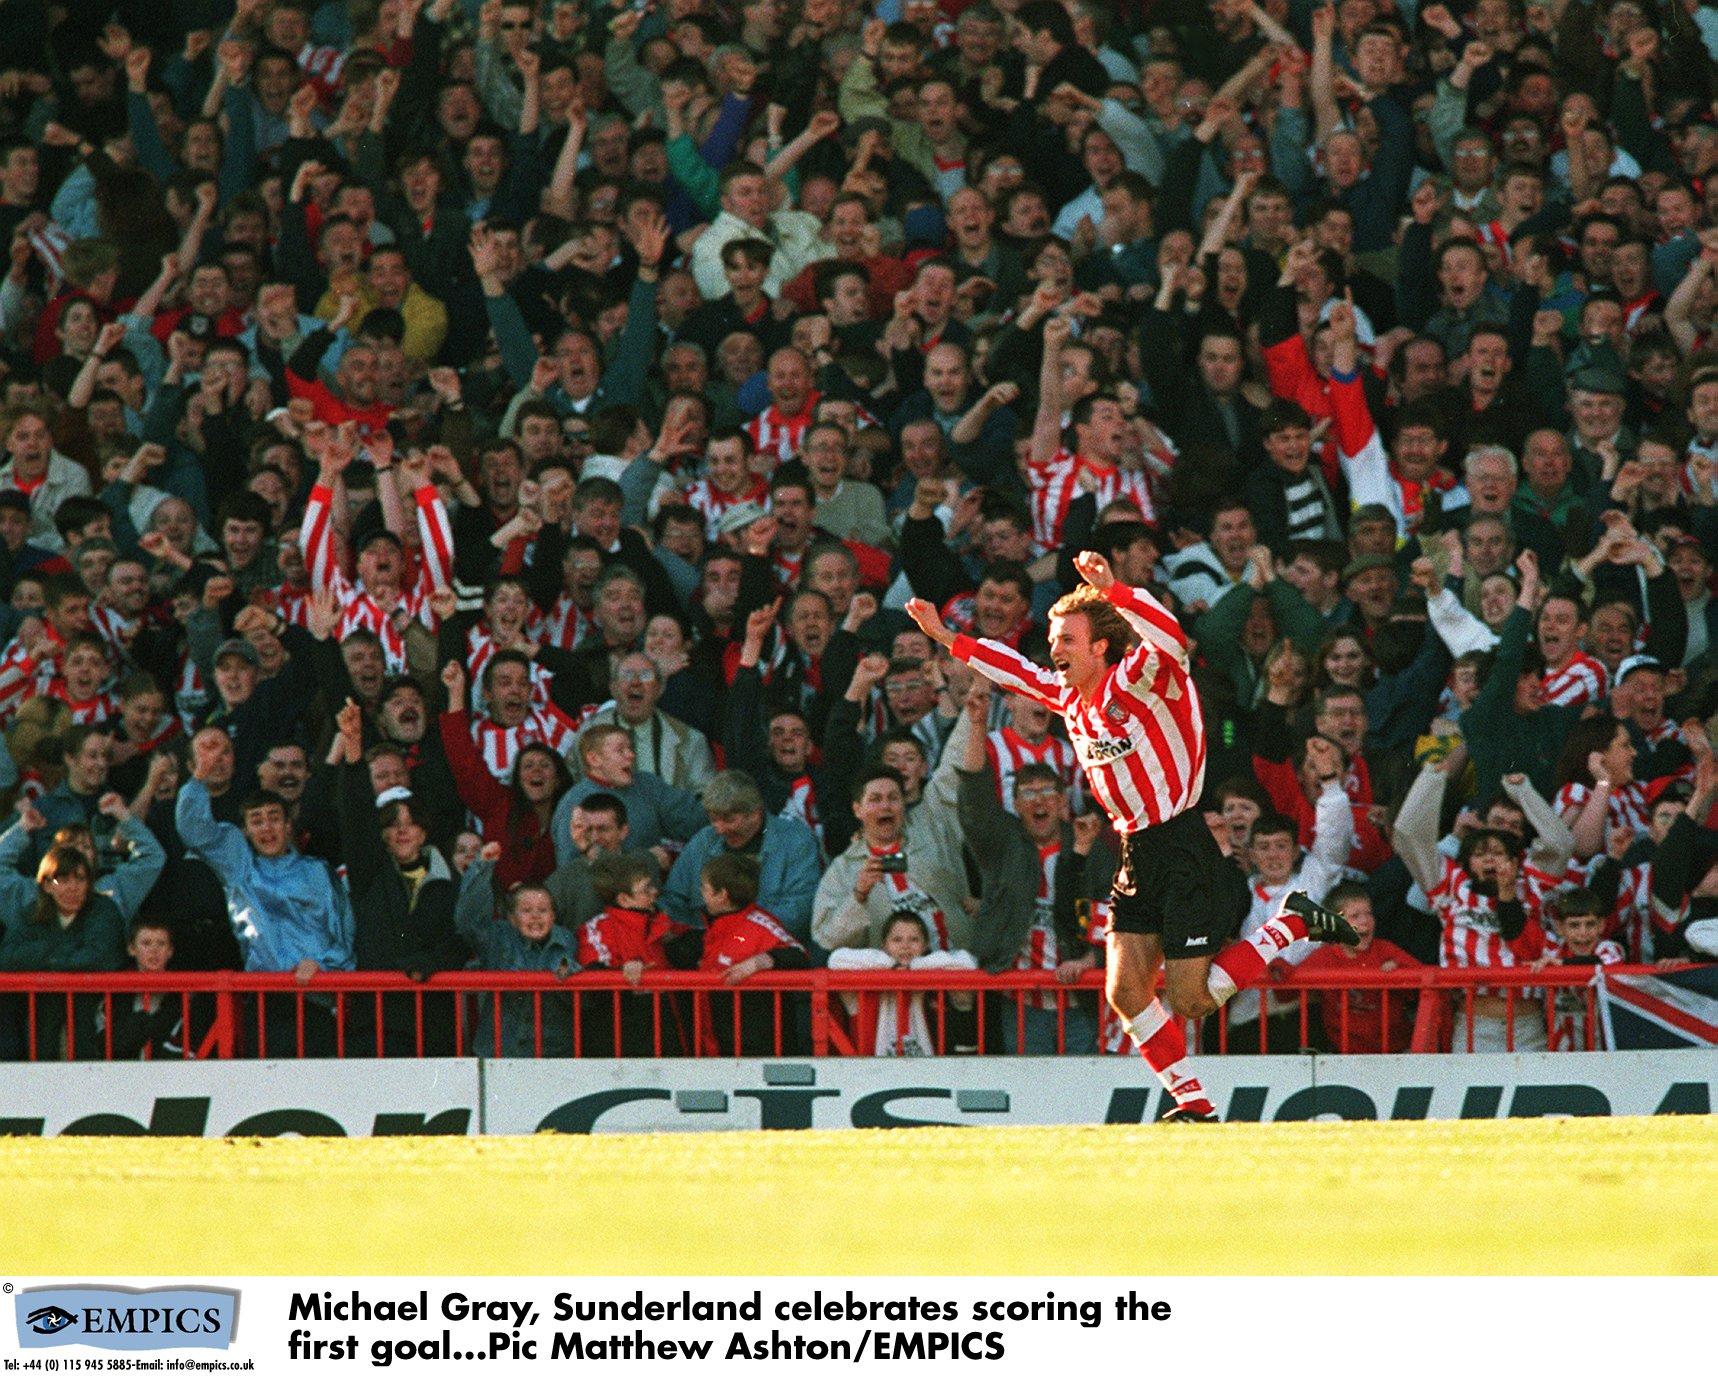 English Soccer - Sunderland v Manchester United